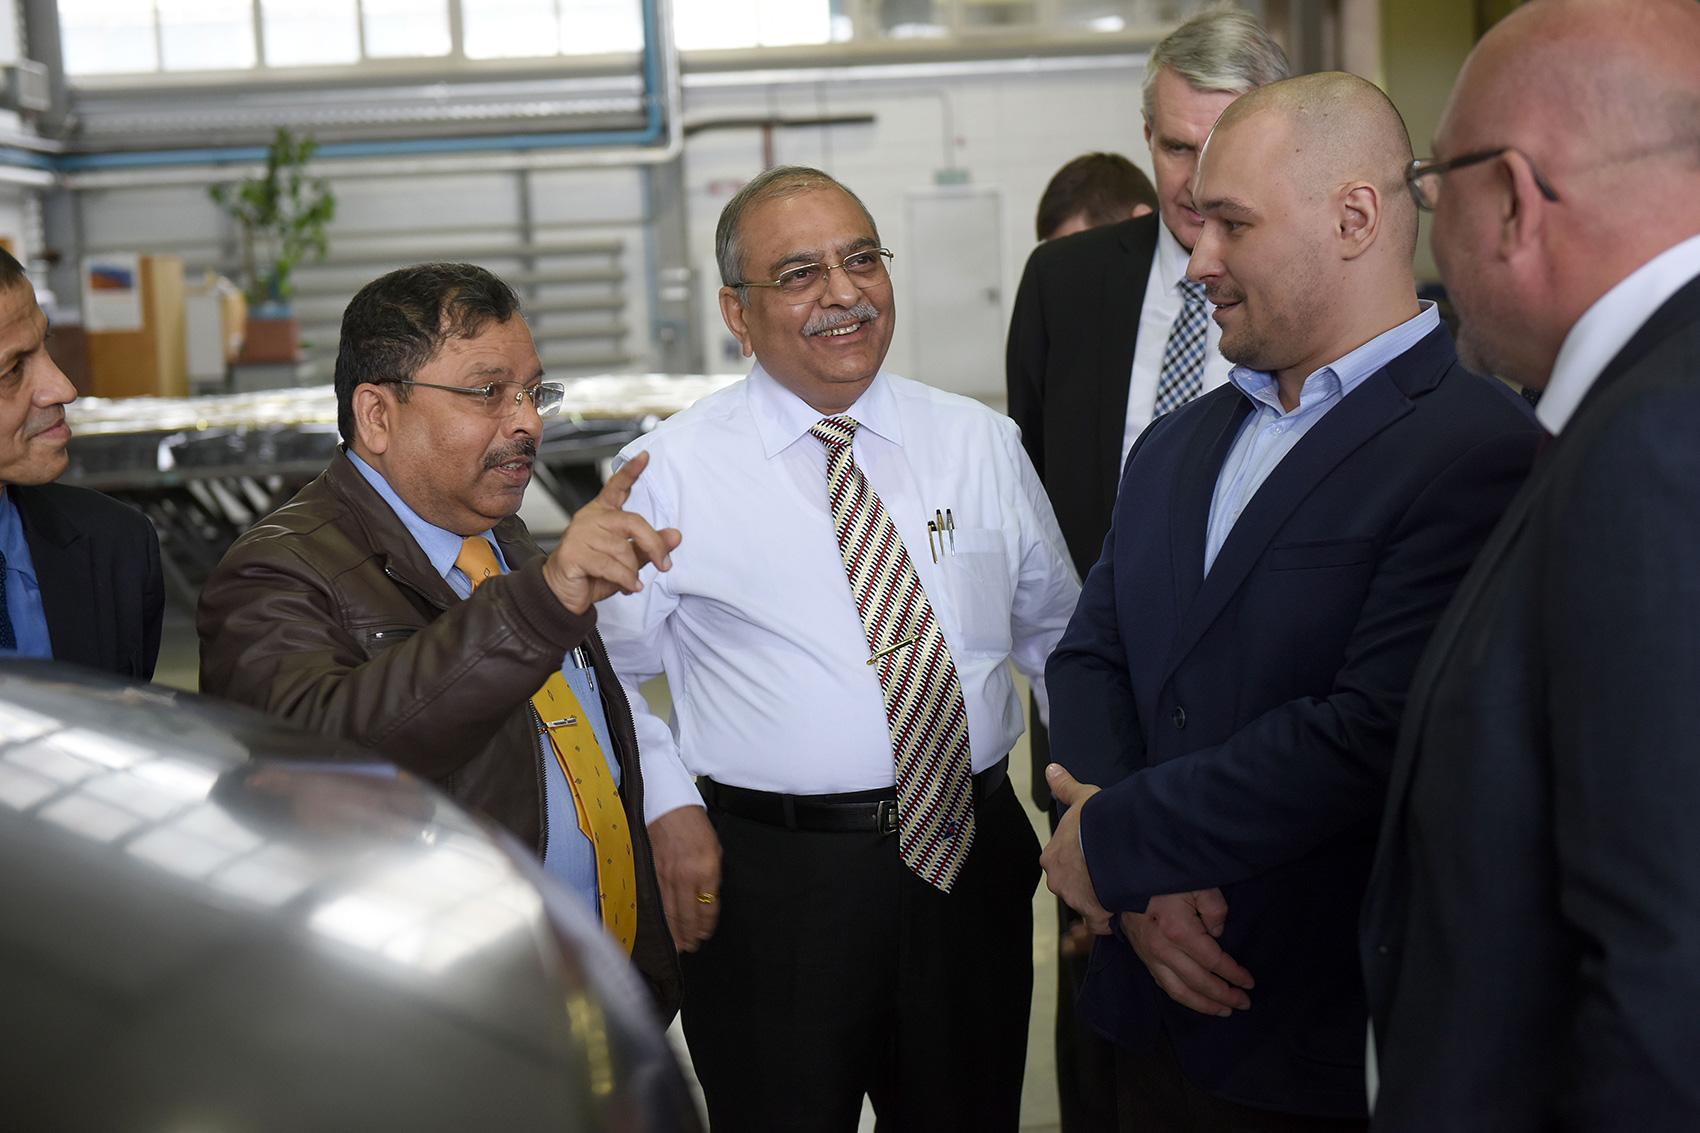 Представители холдинга «РТ-Химкомпозит» и индийской корпорации «Larsen & Toubro» обсудили перспективы сотрудничества.